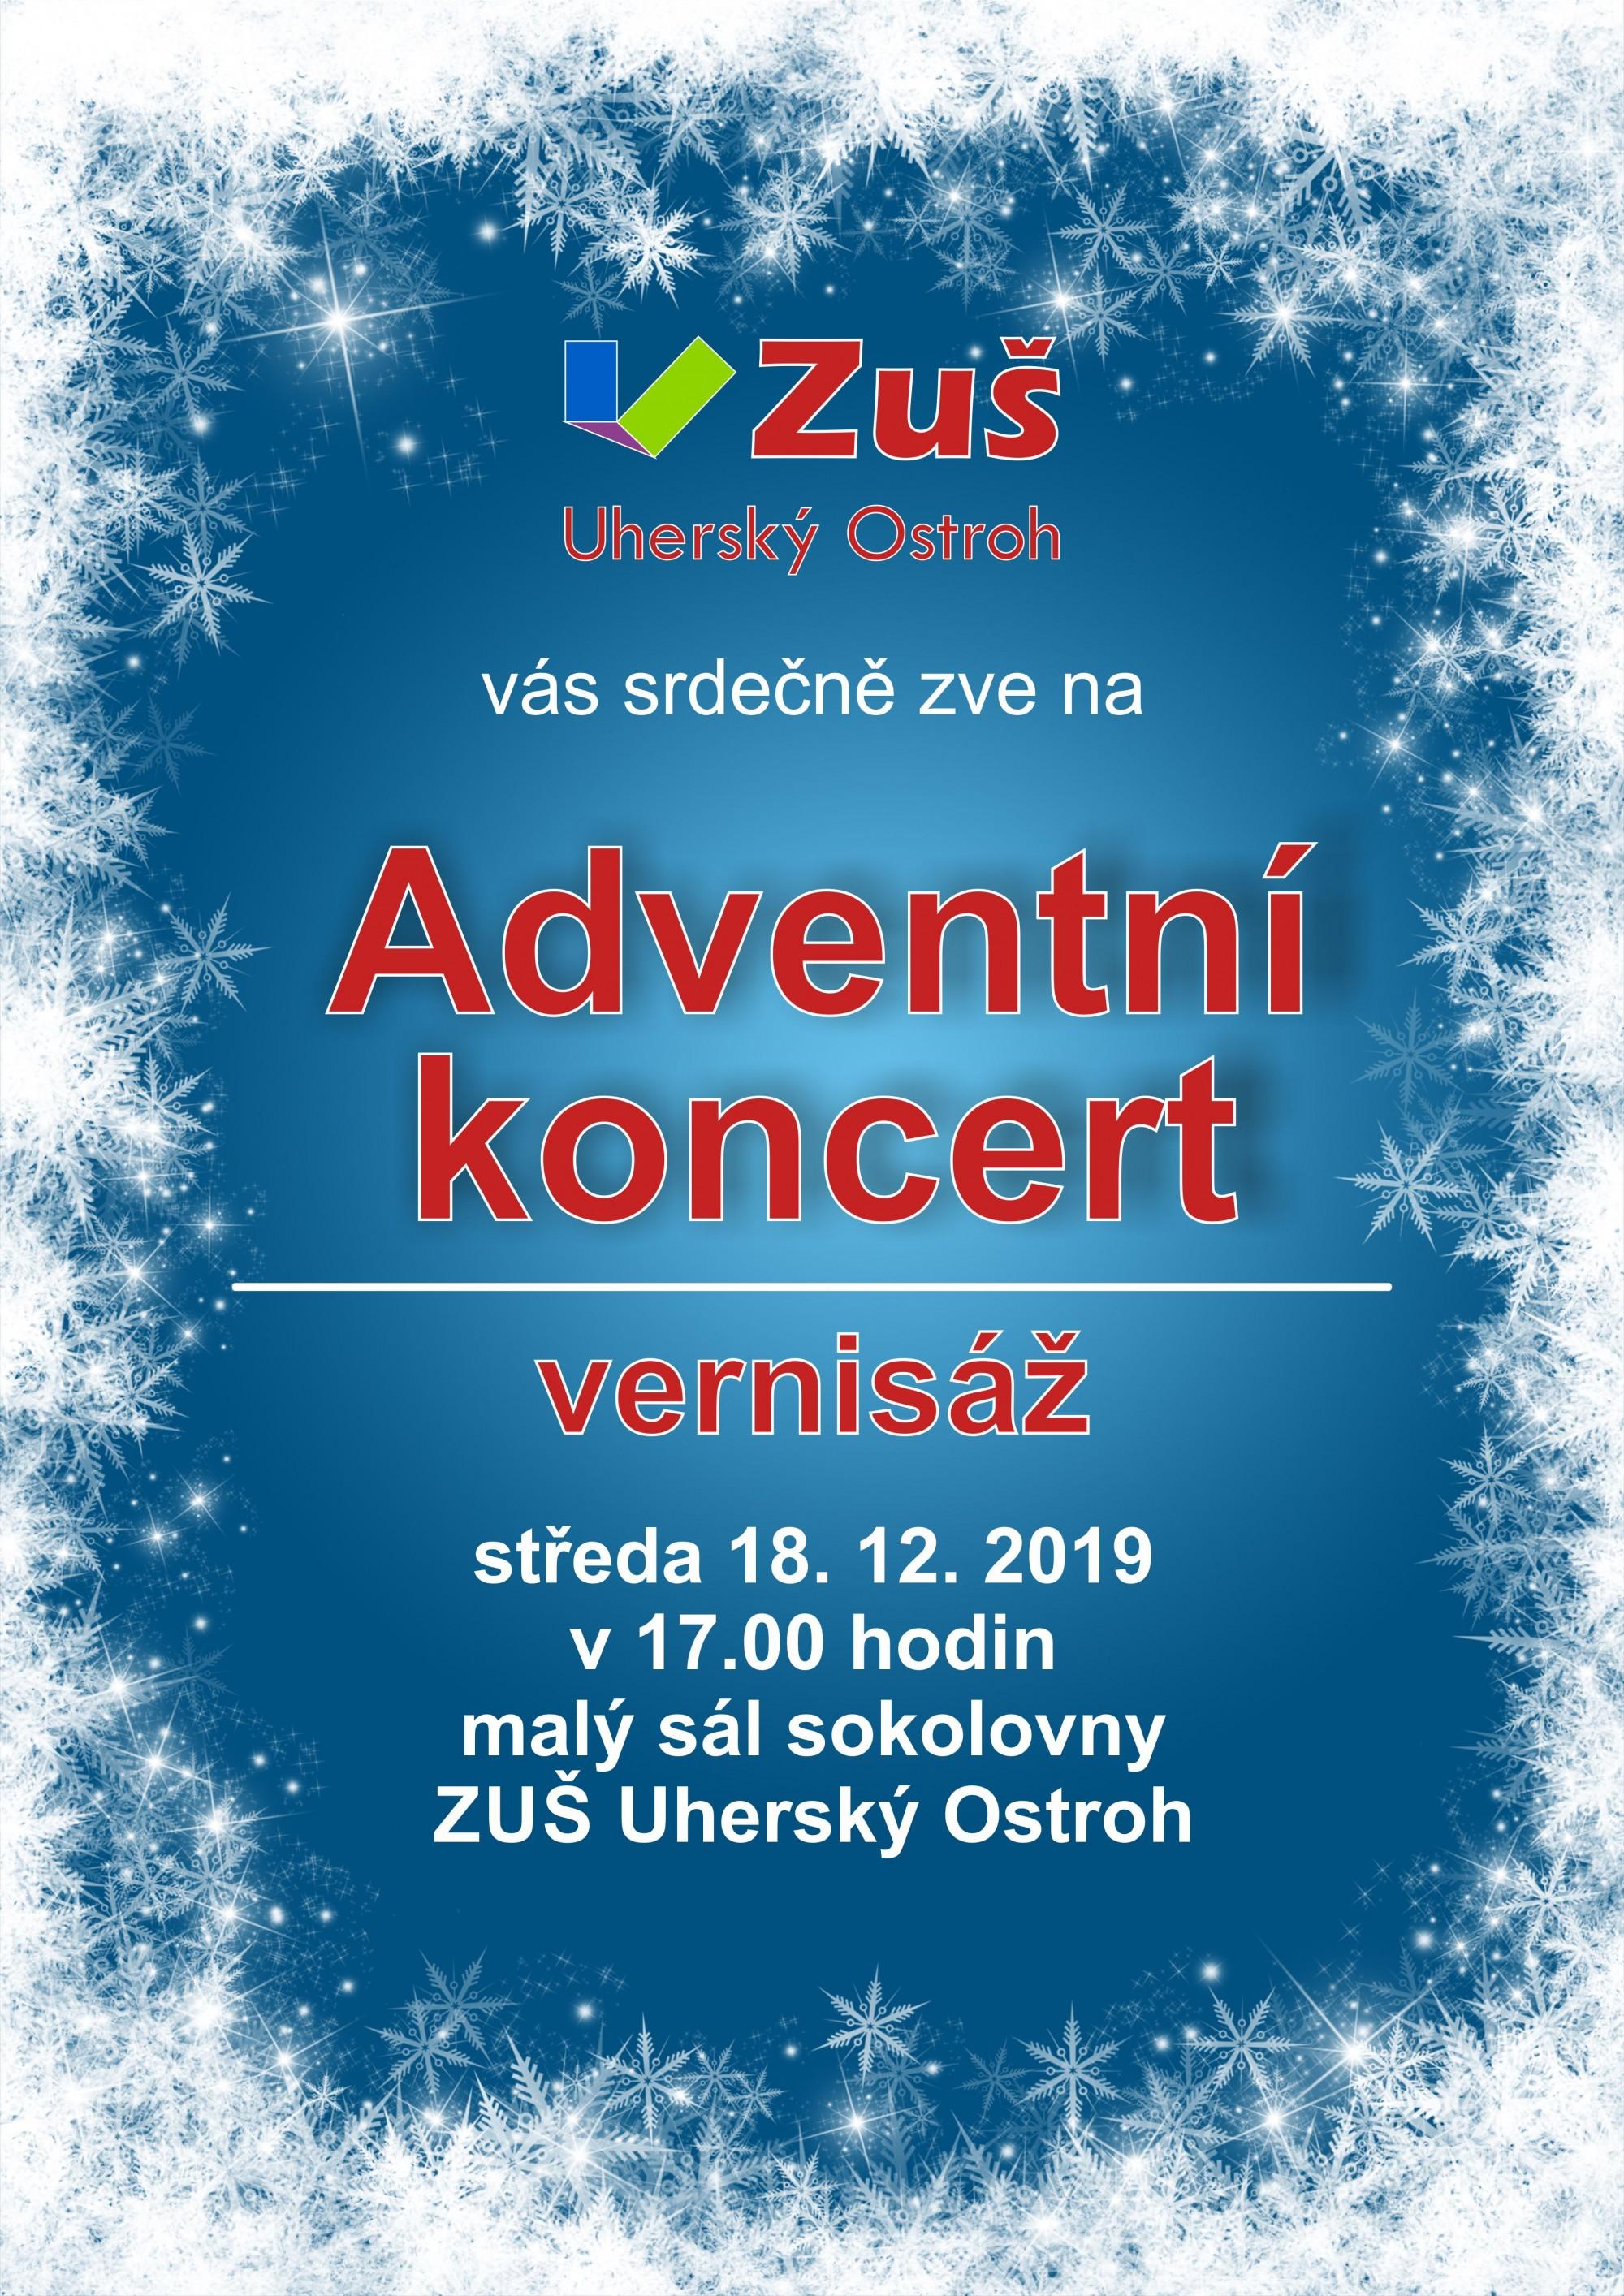 adventni koncert2019 uo